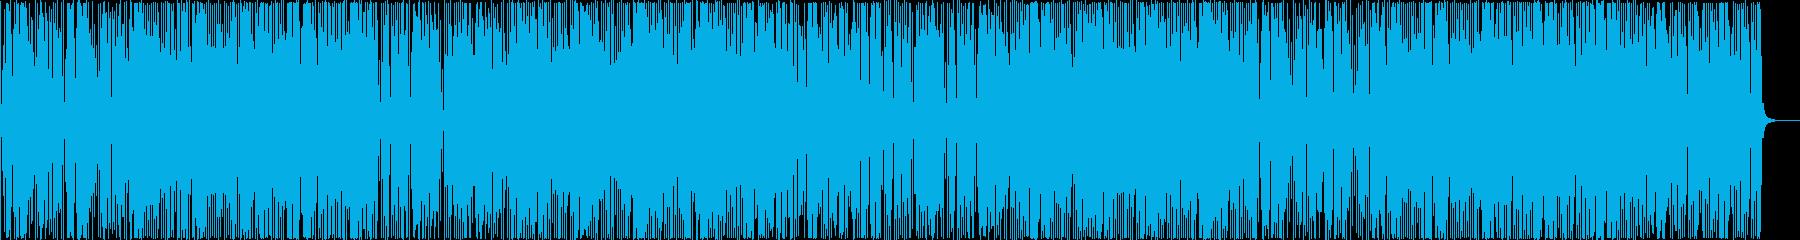 わくわくする楽しいキューバ音楽の再生済みの波形